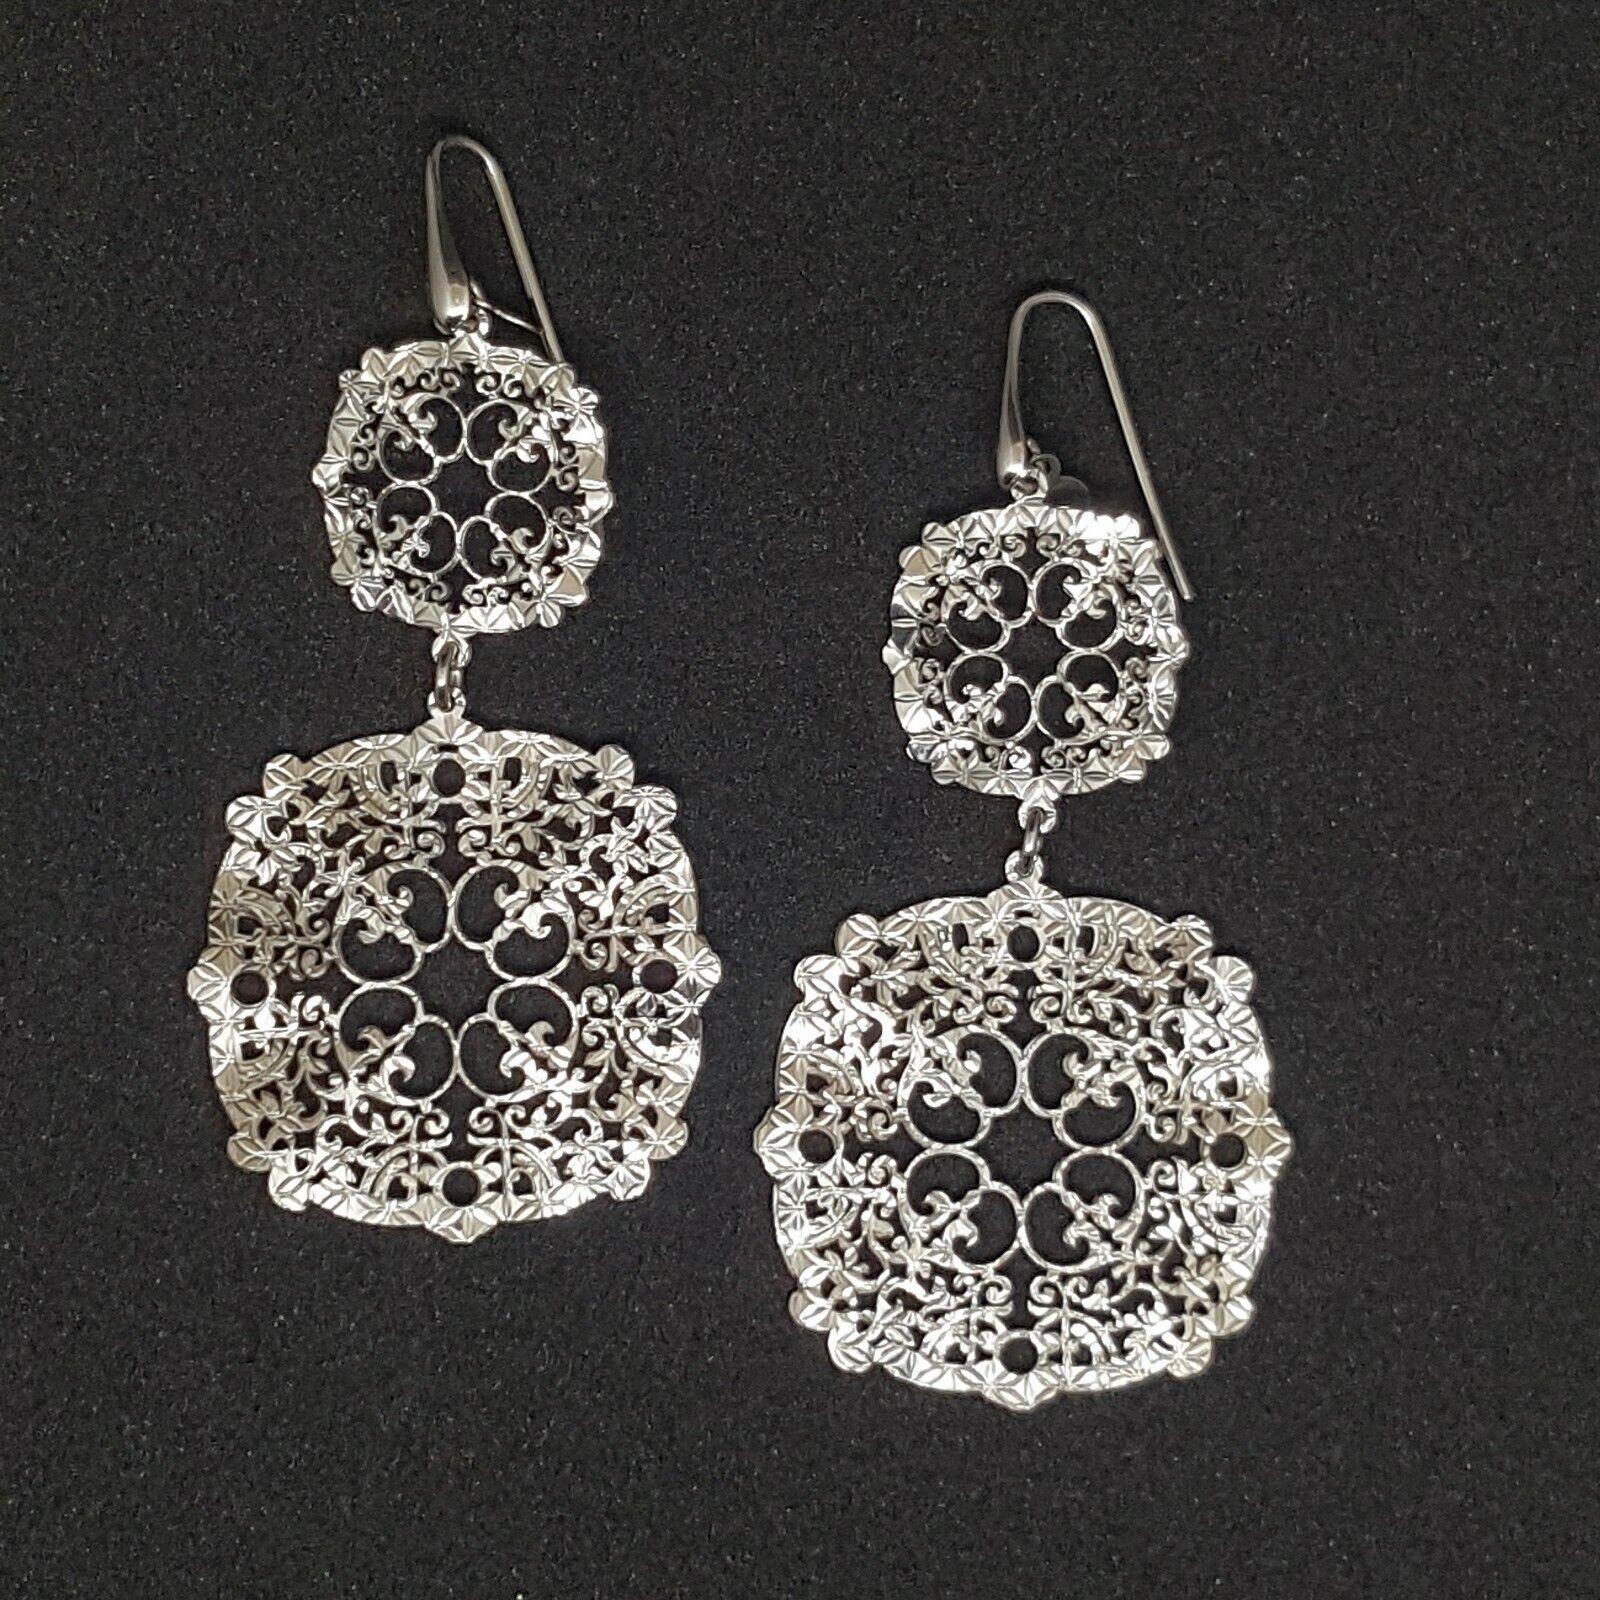 orecchini donna lunghi argento 925 pendenti lastra traforata motivo decorativo